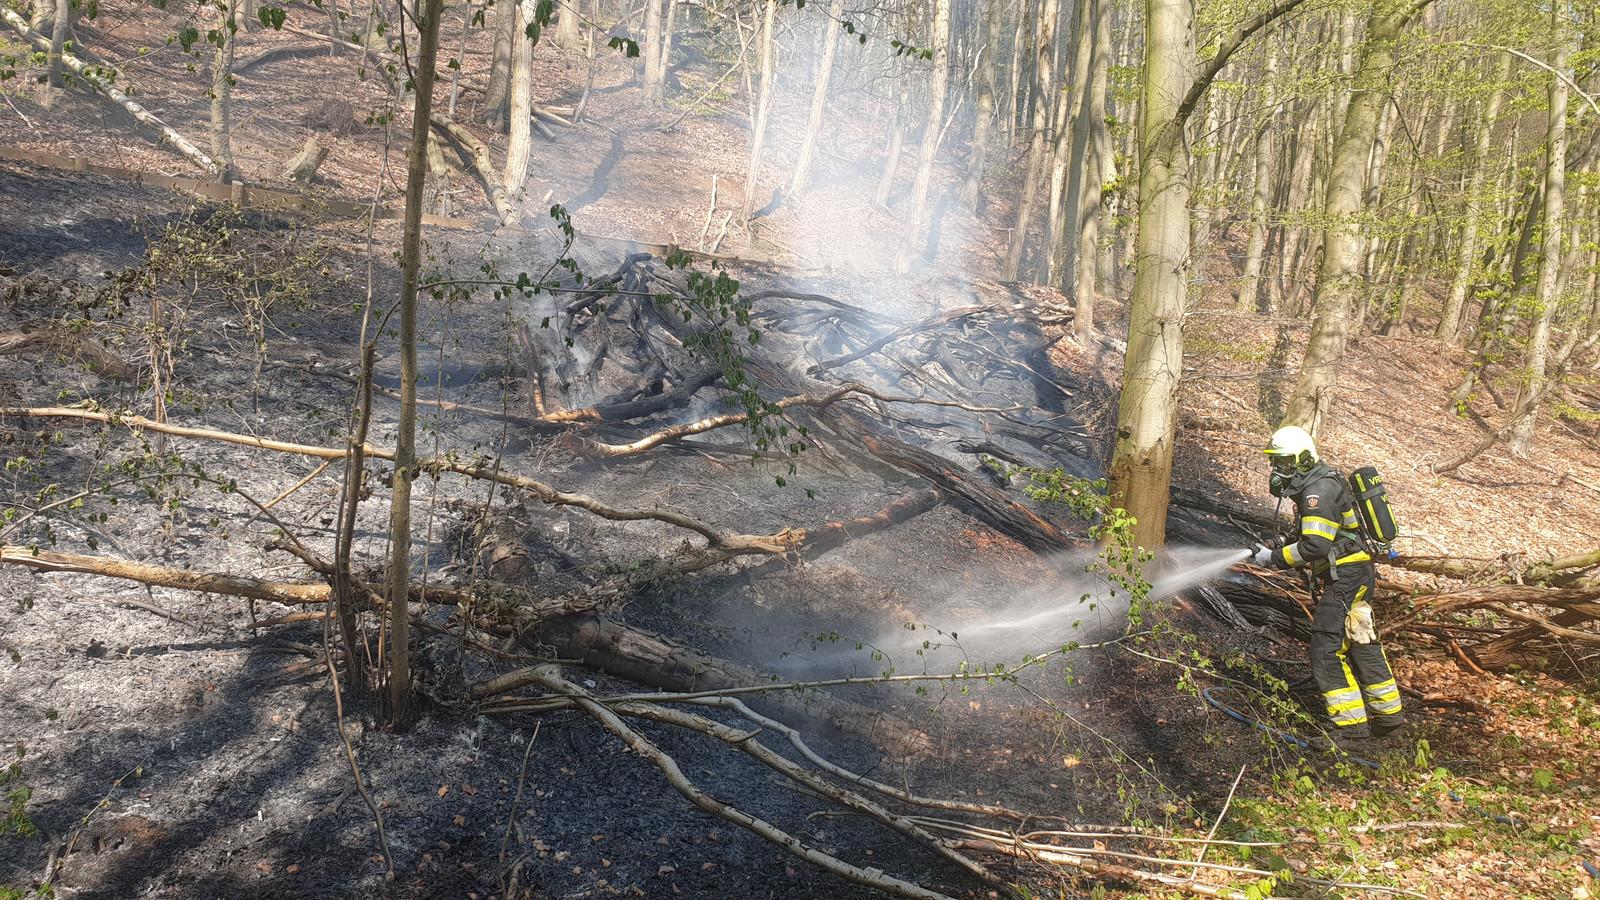 De brandweer is bezig met blussen in het bos bij Plasmolen.